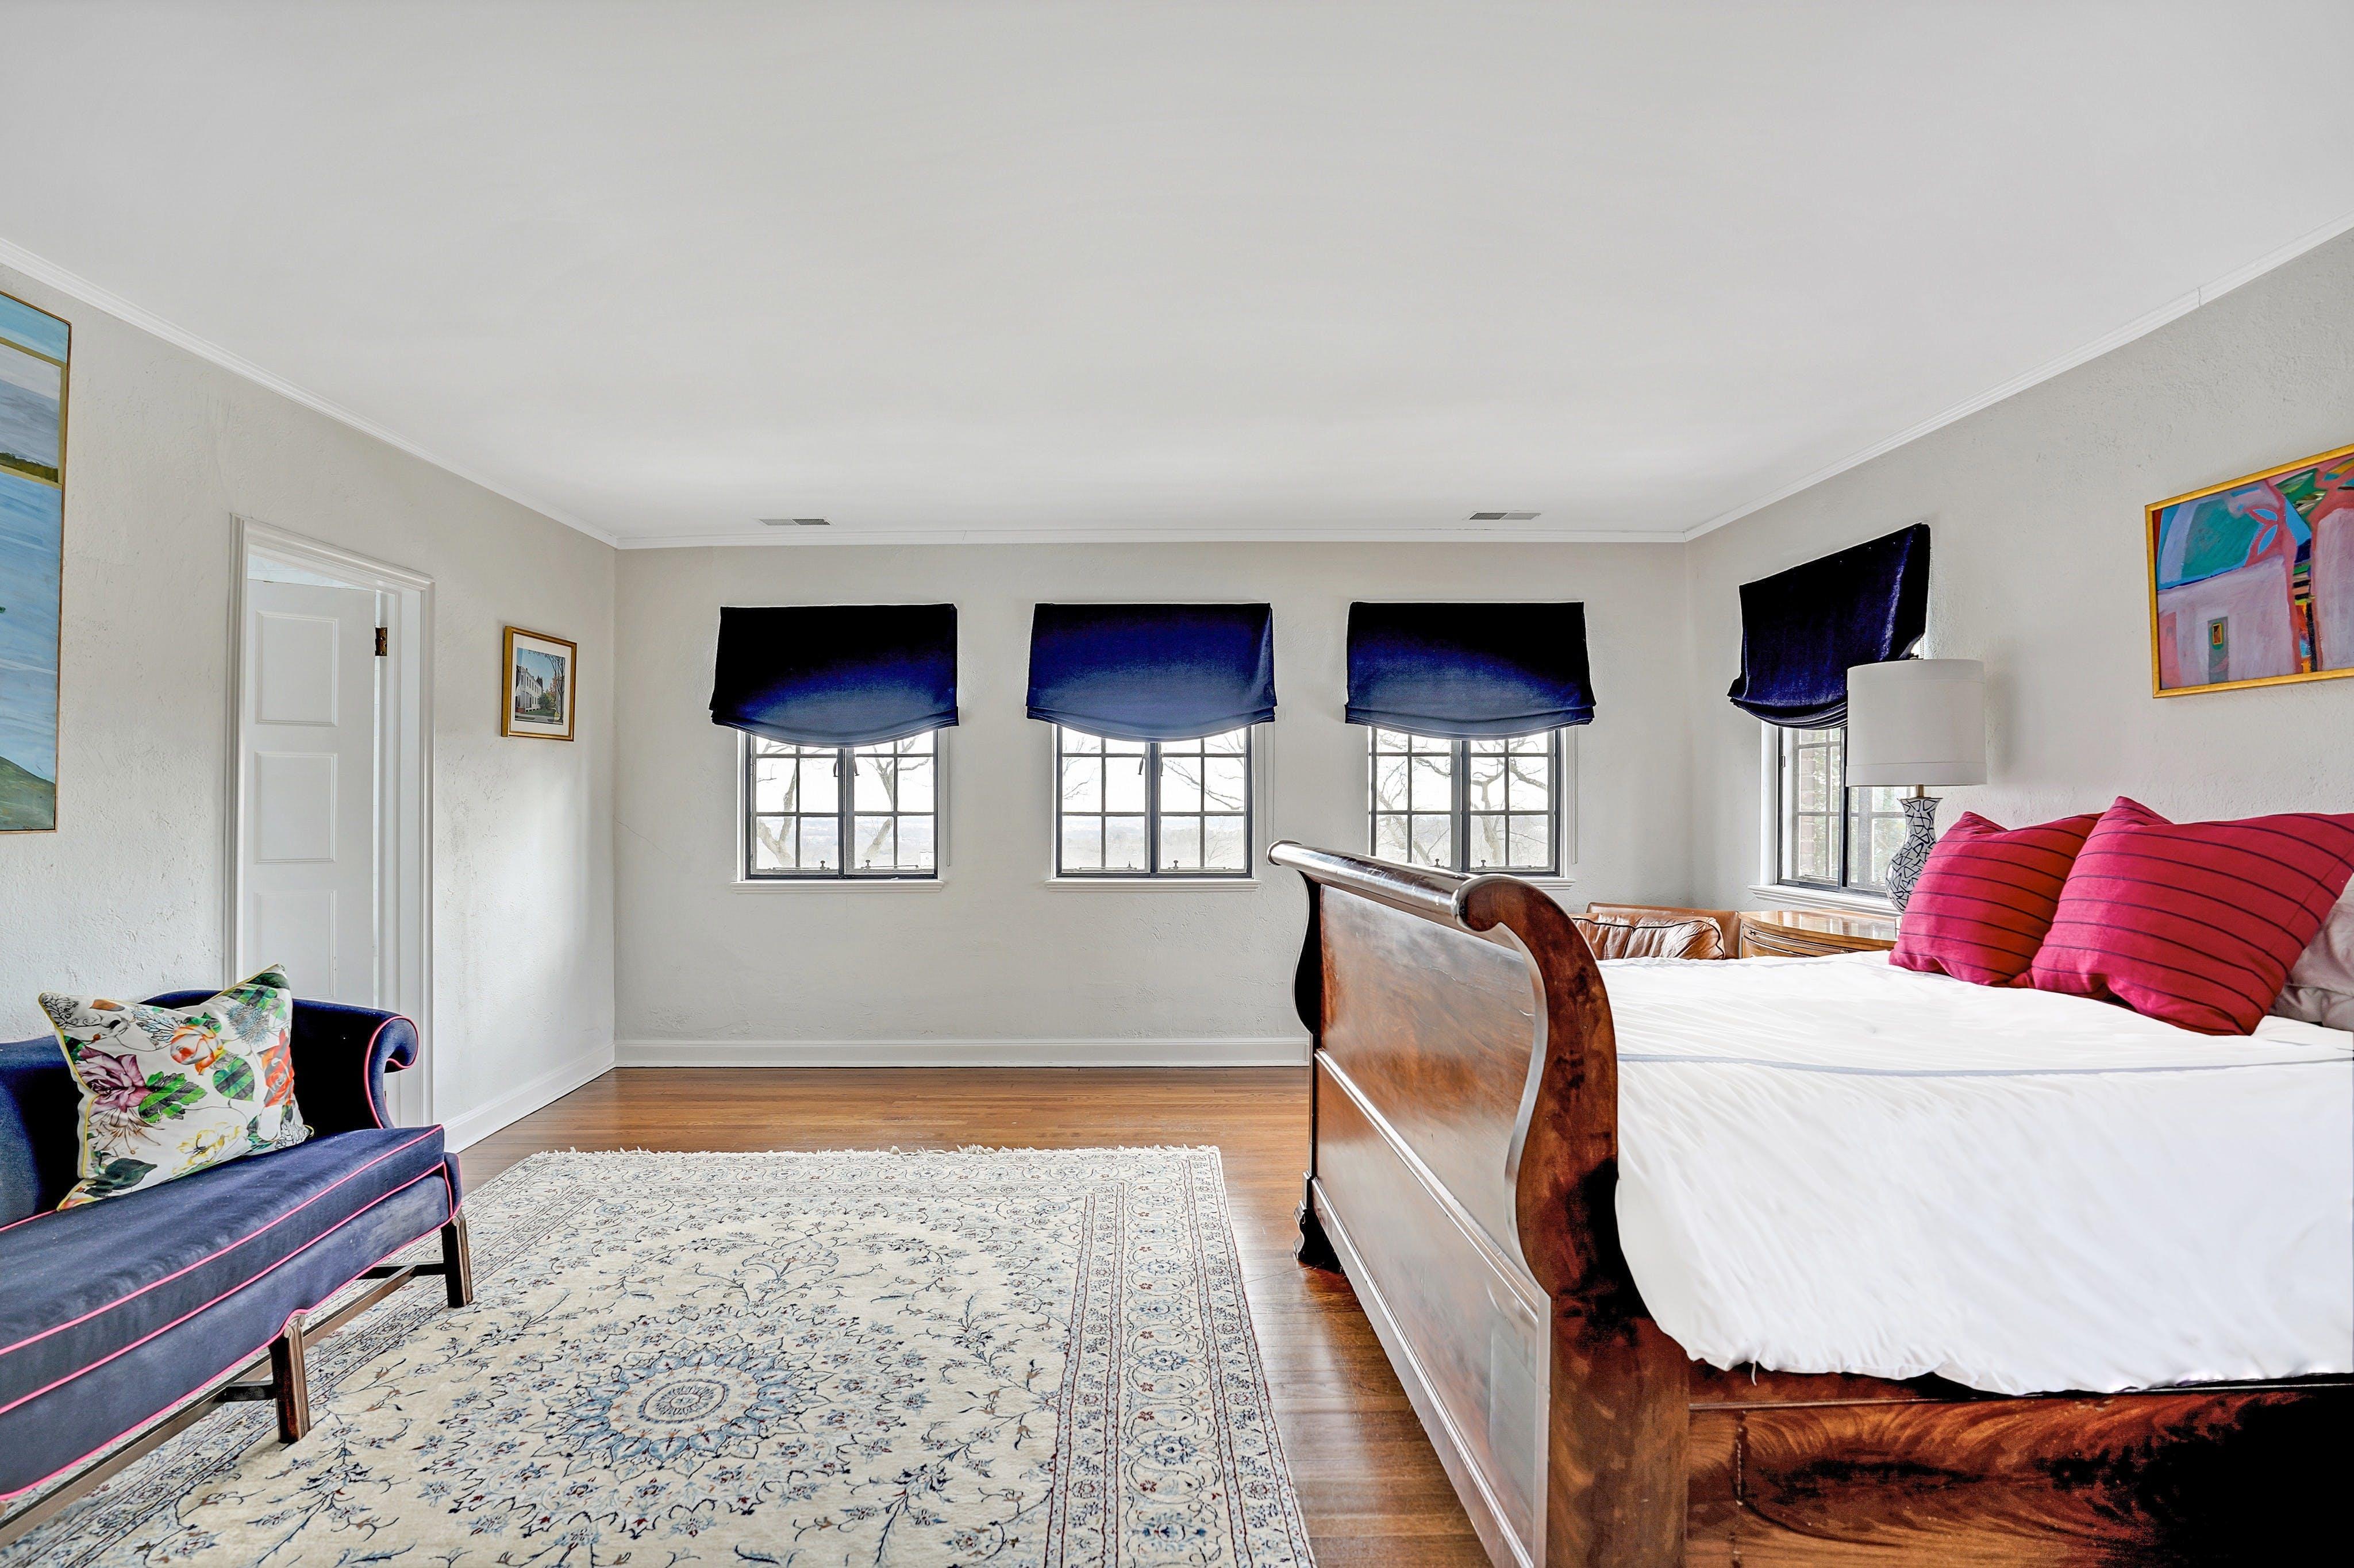 69 Edgewood Road Primary Bedroom Photo